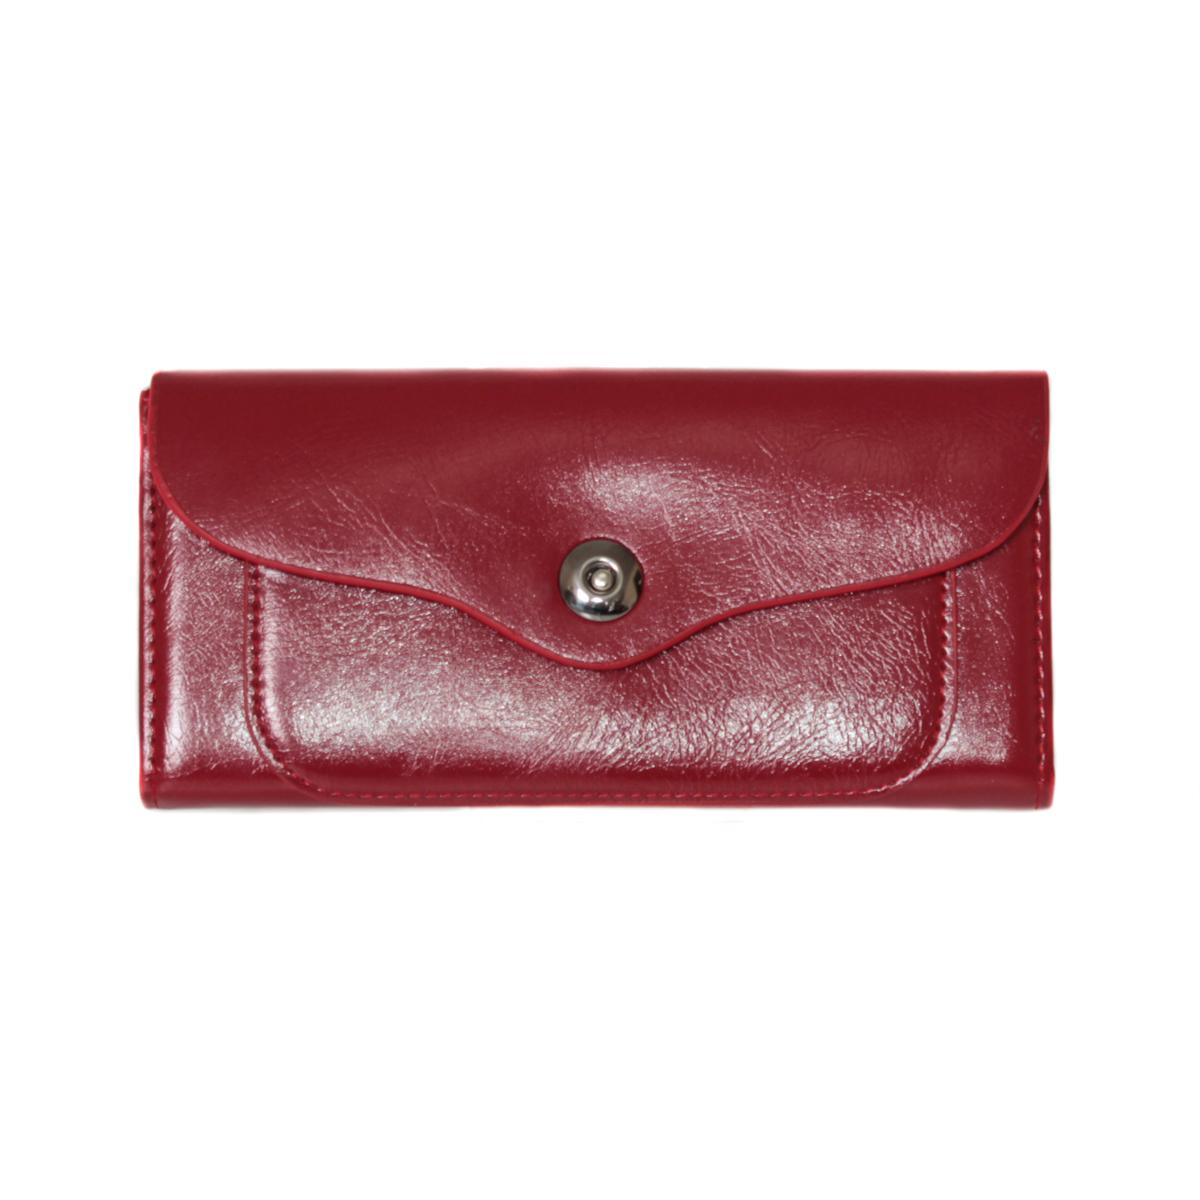 Кошелек женский Leighton, цвет: бордовый. 0005310600053106Закрывается на кнопку. Внутри два отления для карточек и визиток, одно отделение на молнии, два для купюр и одно для монет.